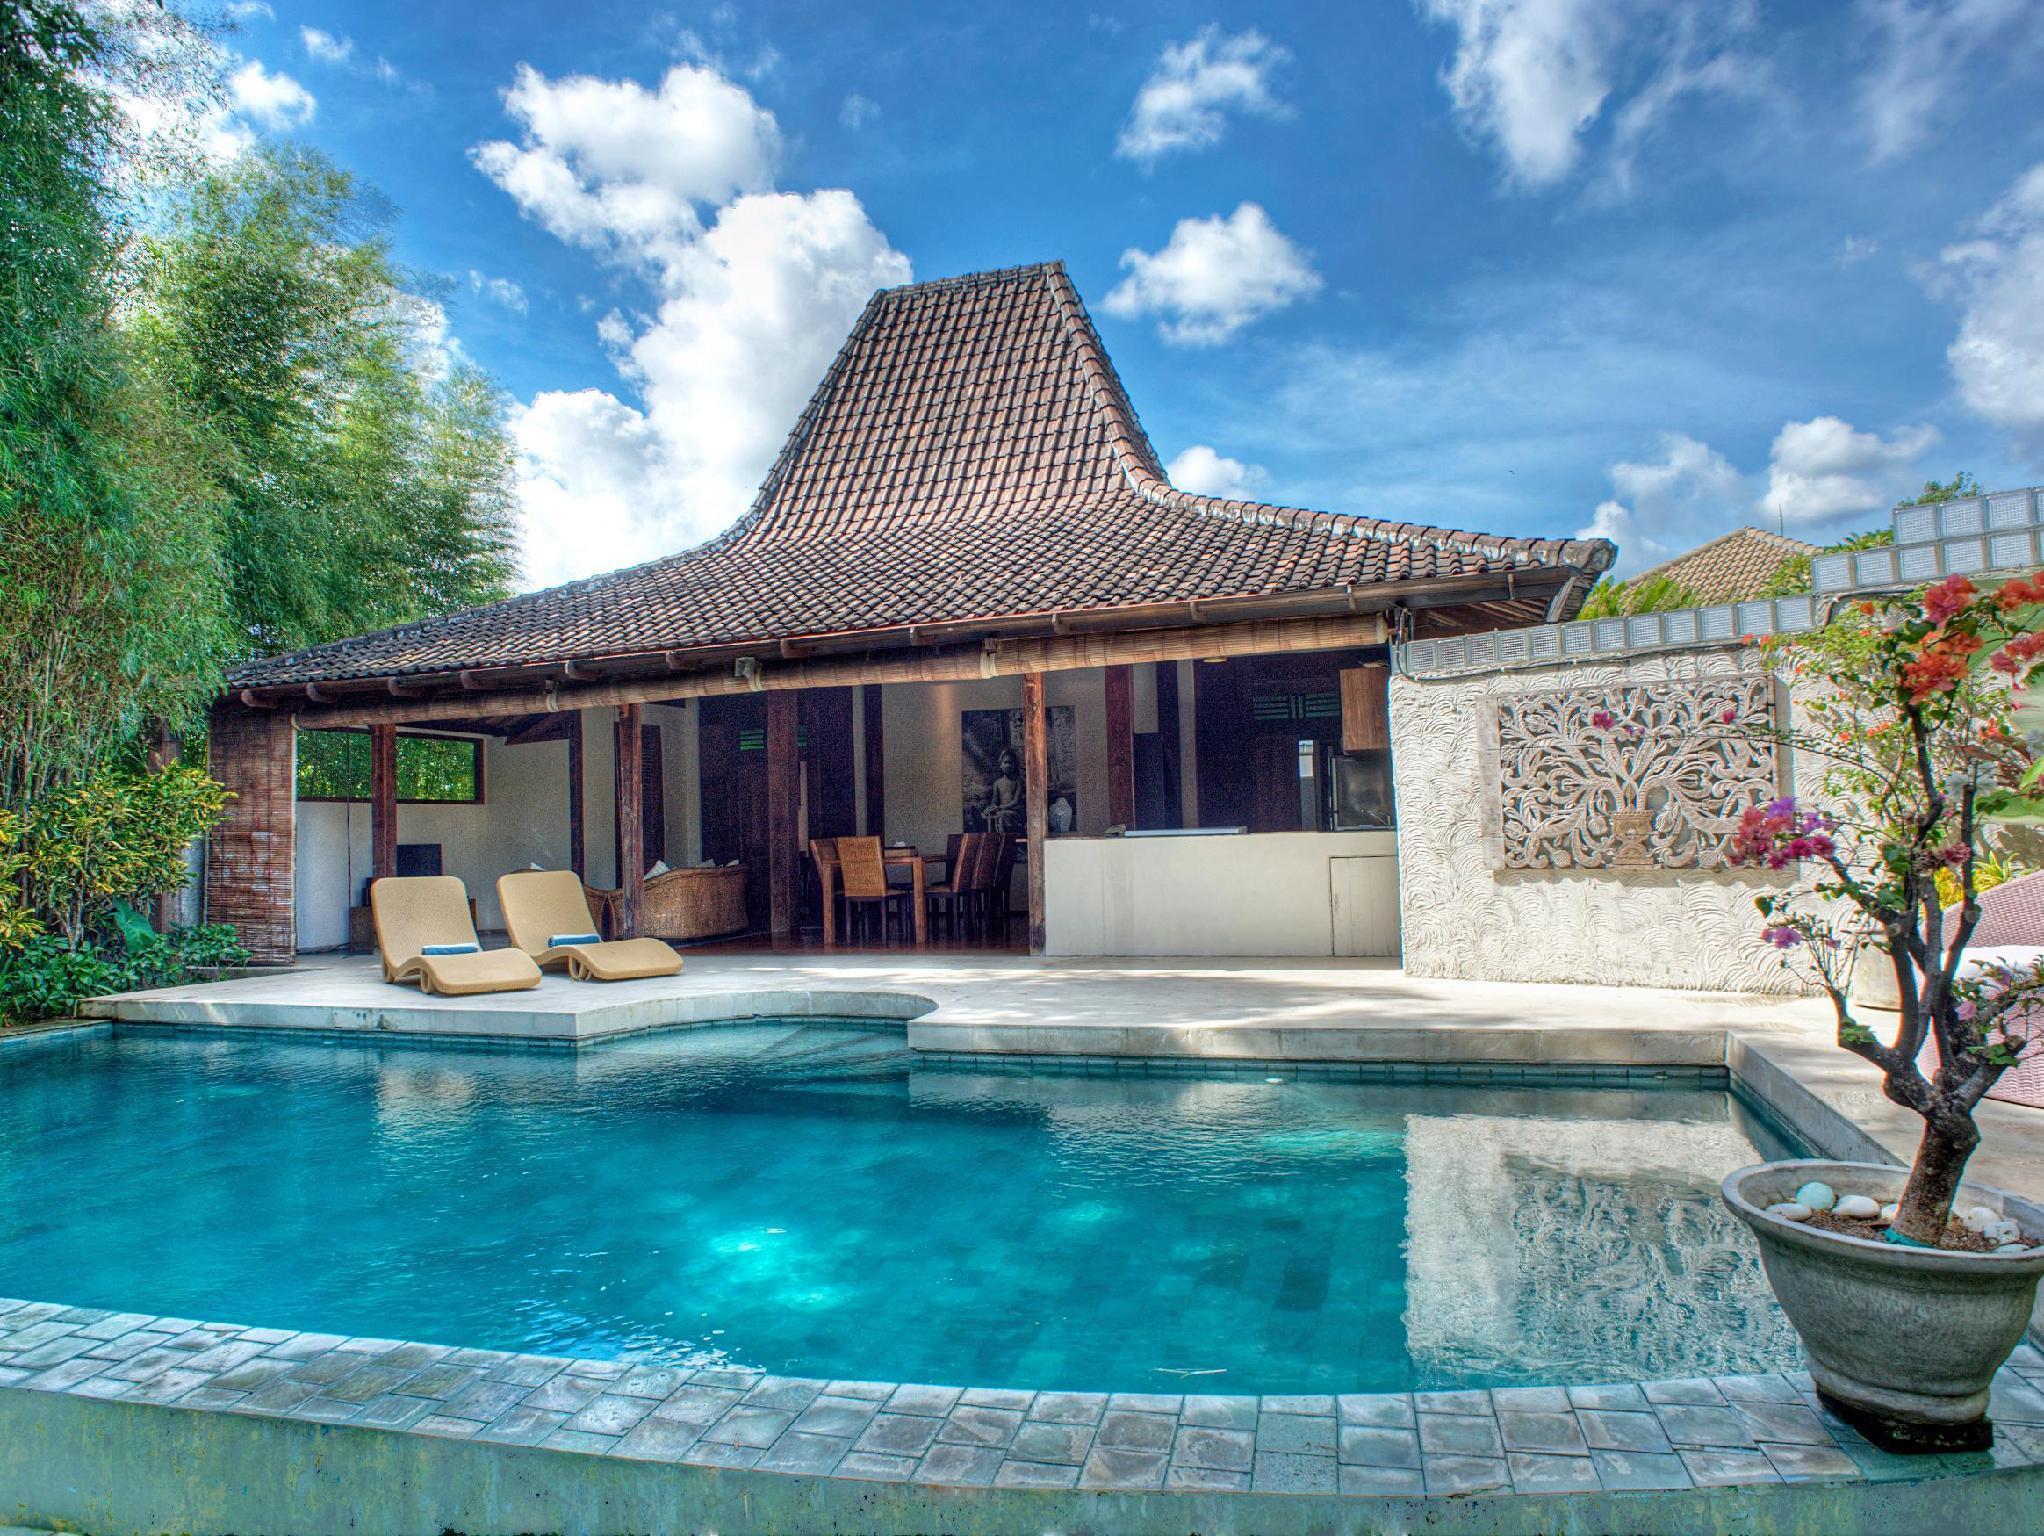 The Joglos Villa